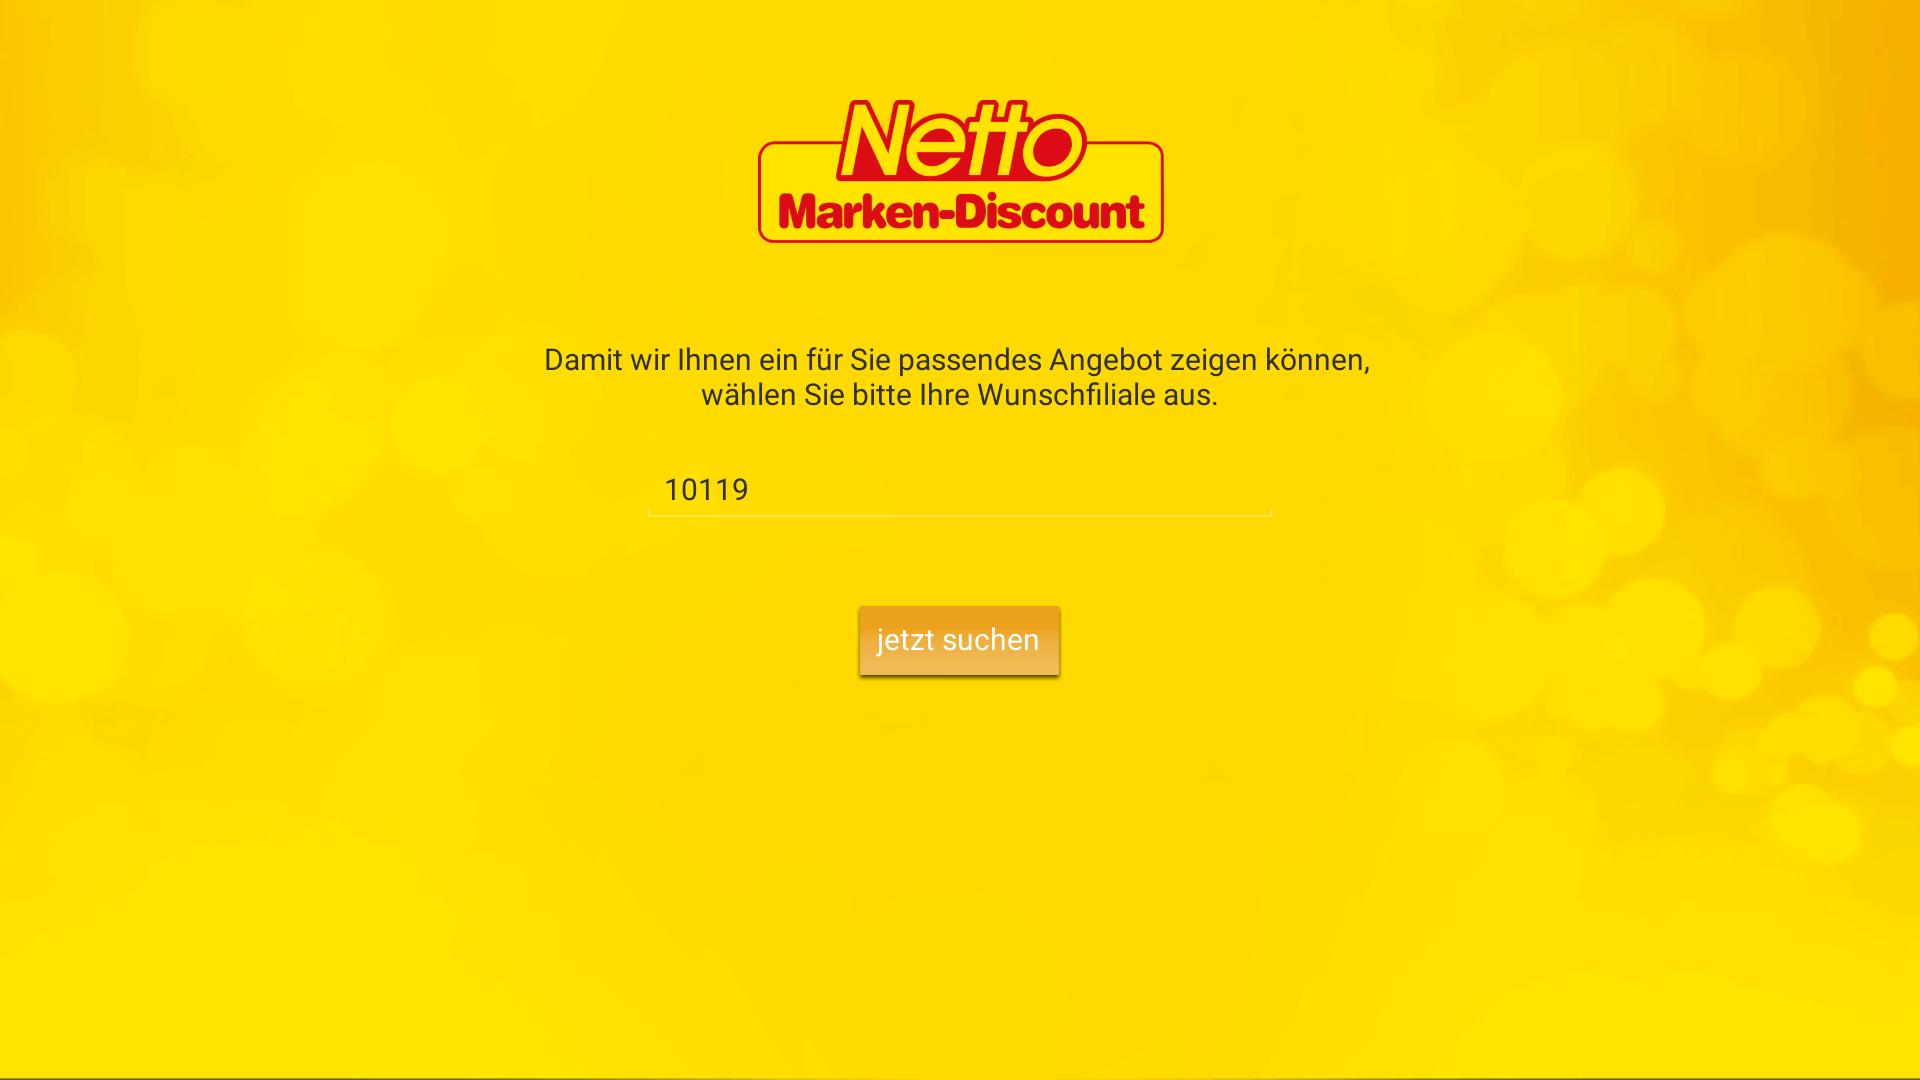 000 - Netto Online Bewerbung